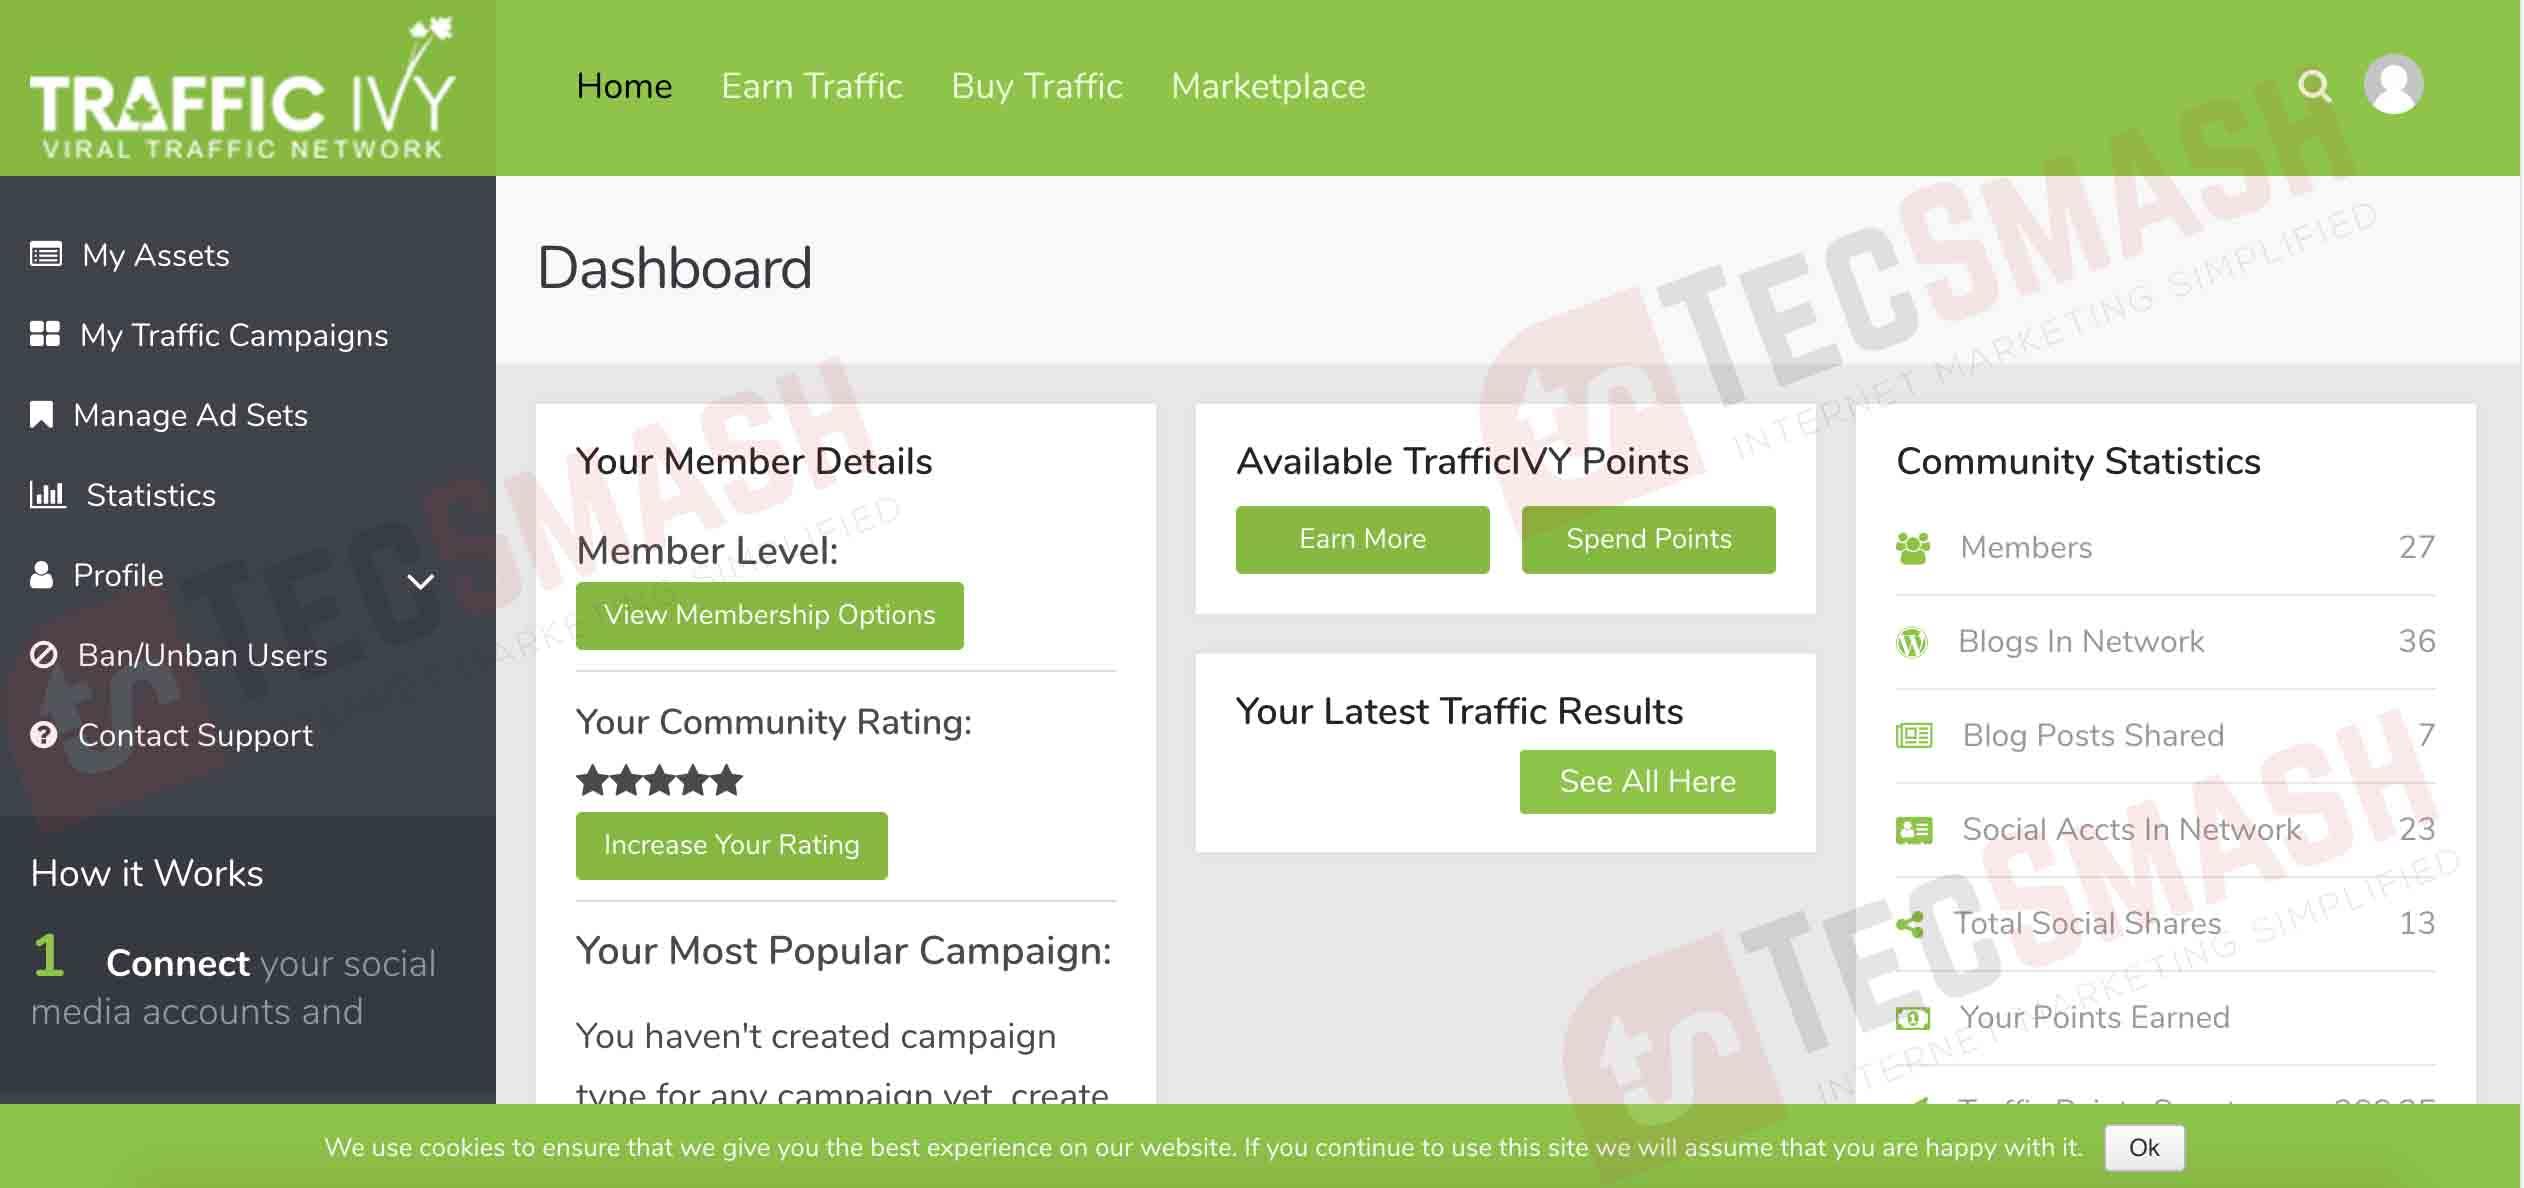 Traffic Ivy Dashboard